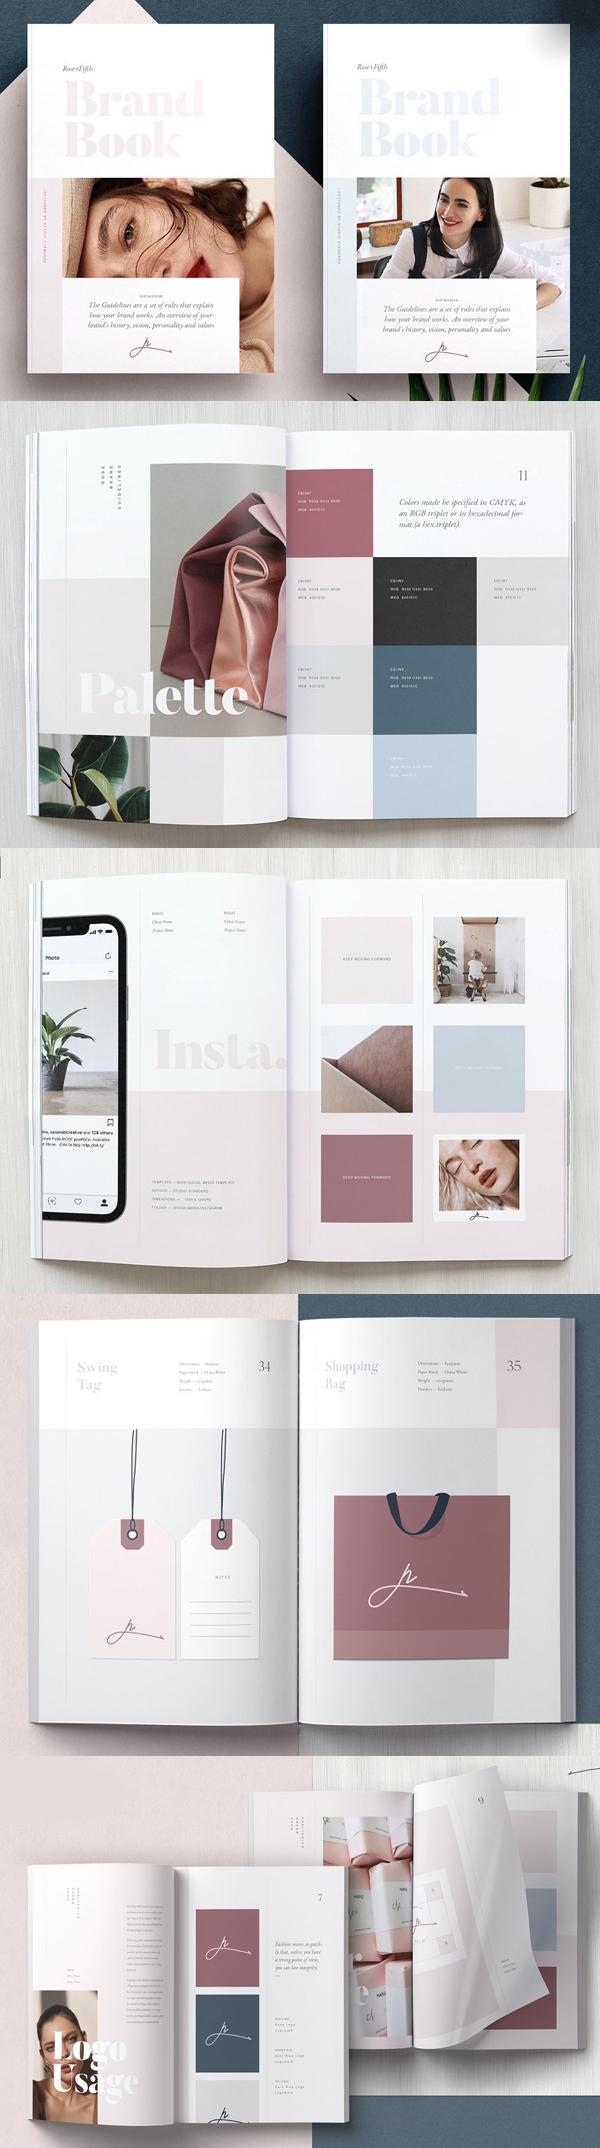 ROSE - folletos profesionales de pautas de marca